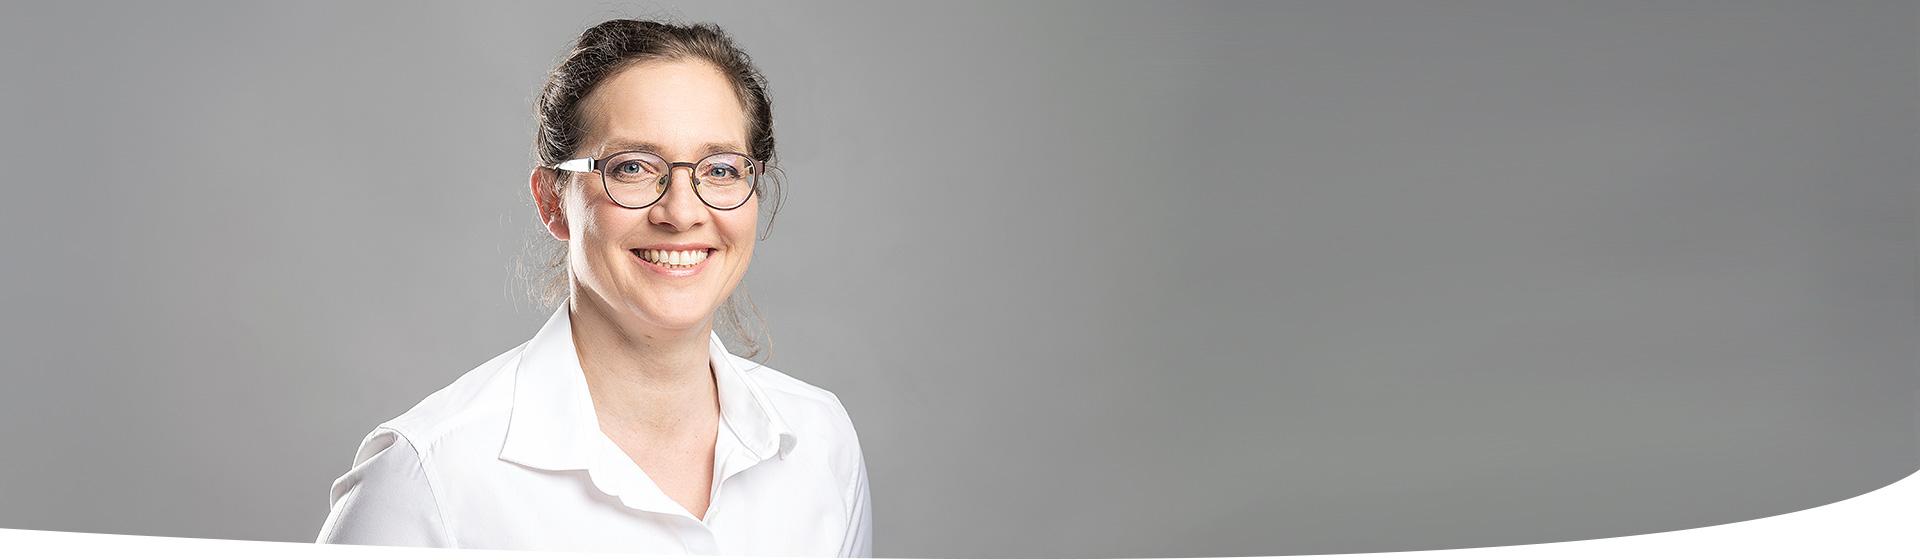 Dr. Doreen Jaeschke - Fachzahnärztin für Kieferorthopädie in Sömmerda